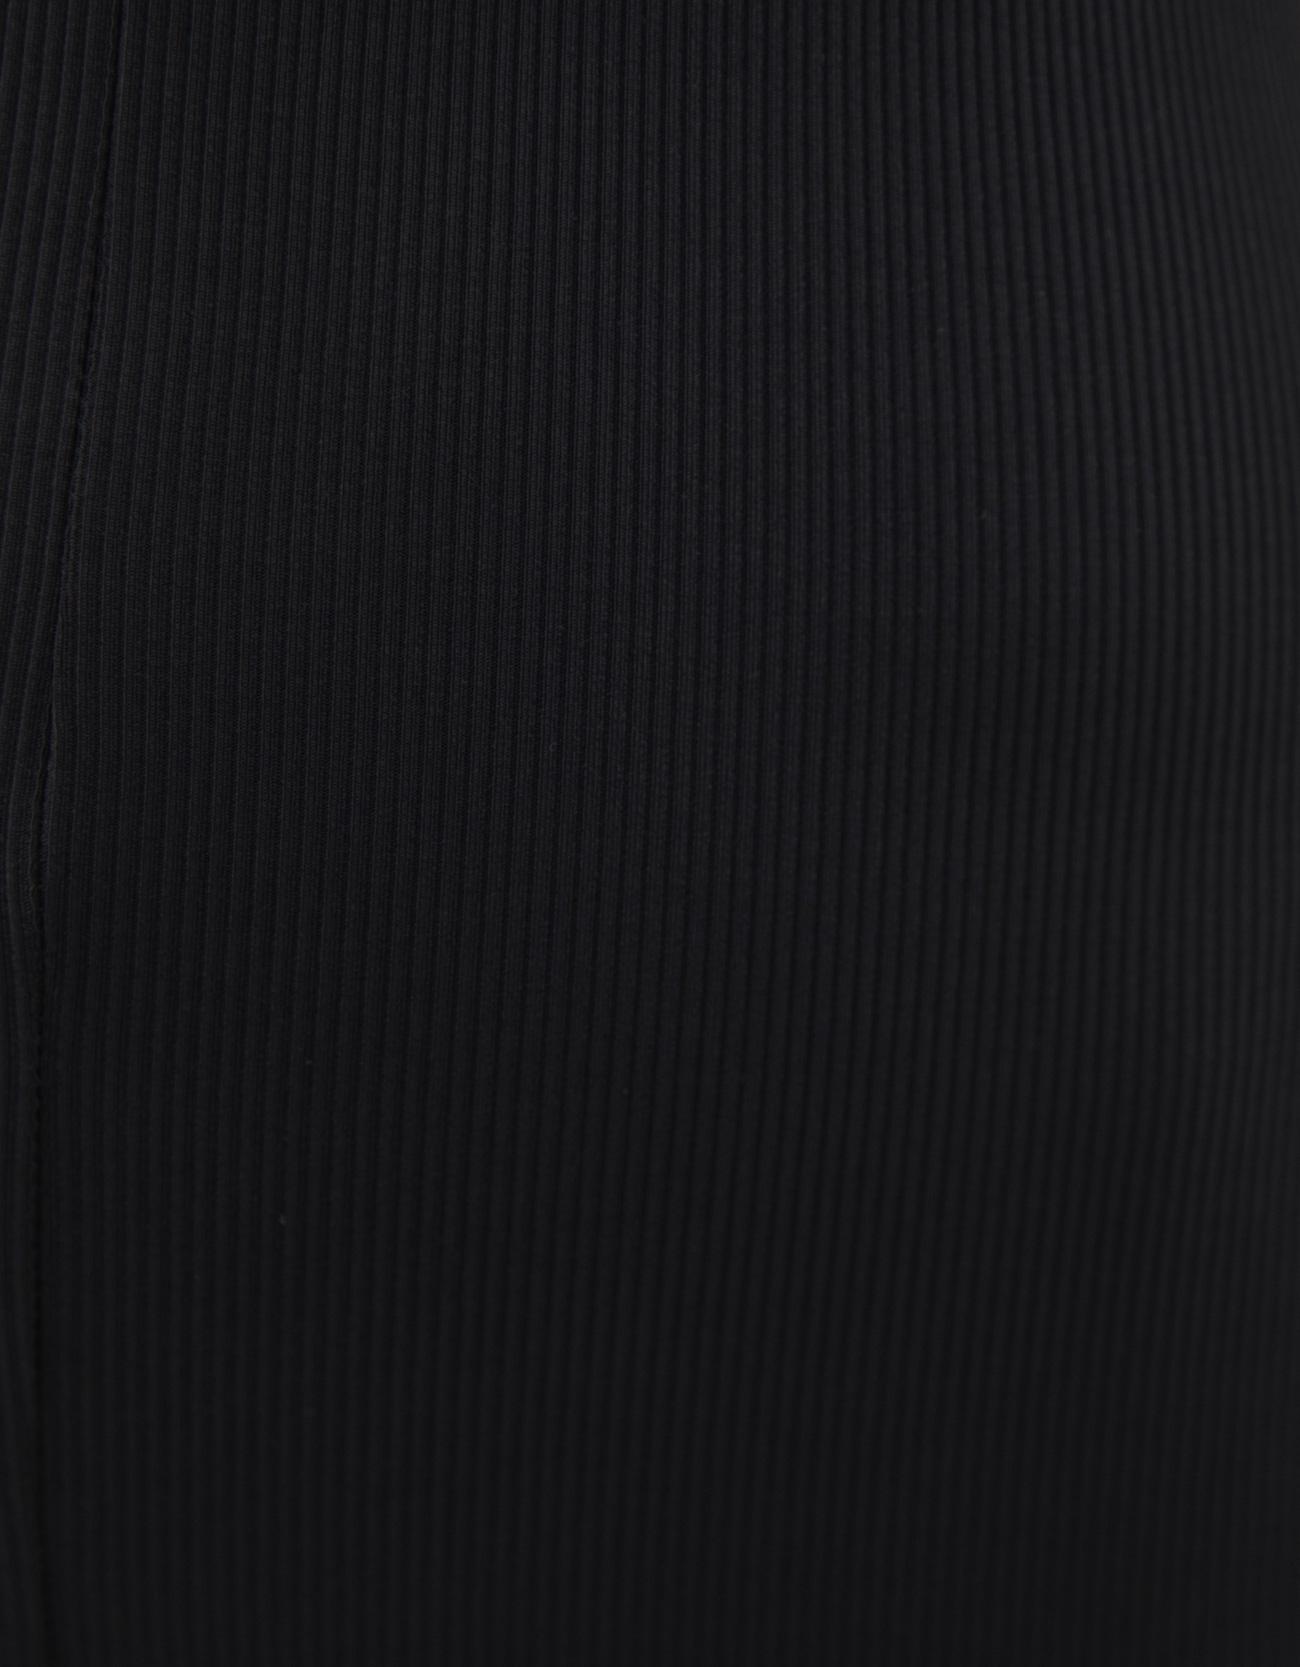 b08834b0adb3 Long fitted jumpsuit - Playsuits   Jumpsuits - Bershka Cyprus